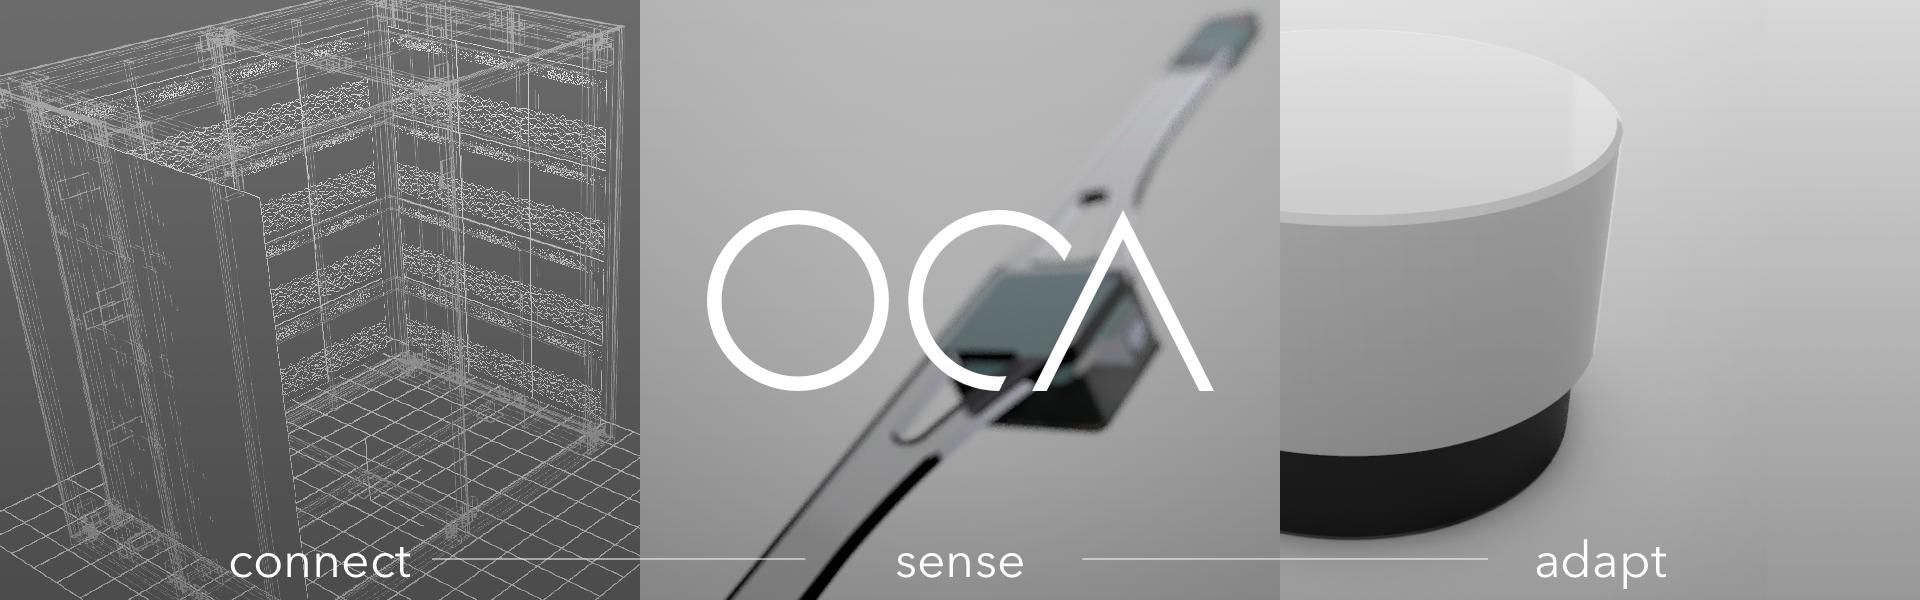 oca_concept_2_small.png